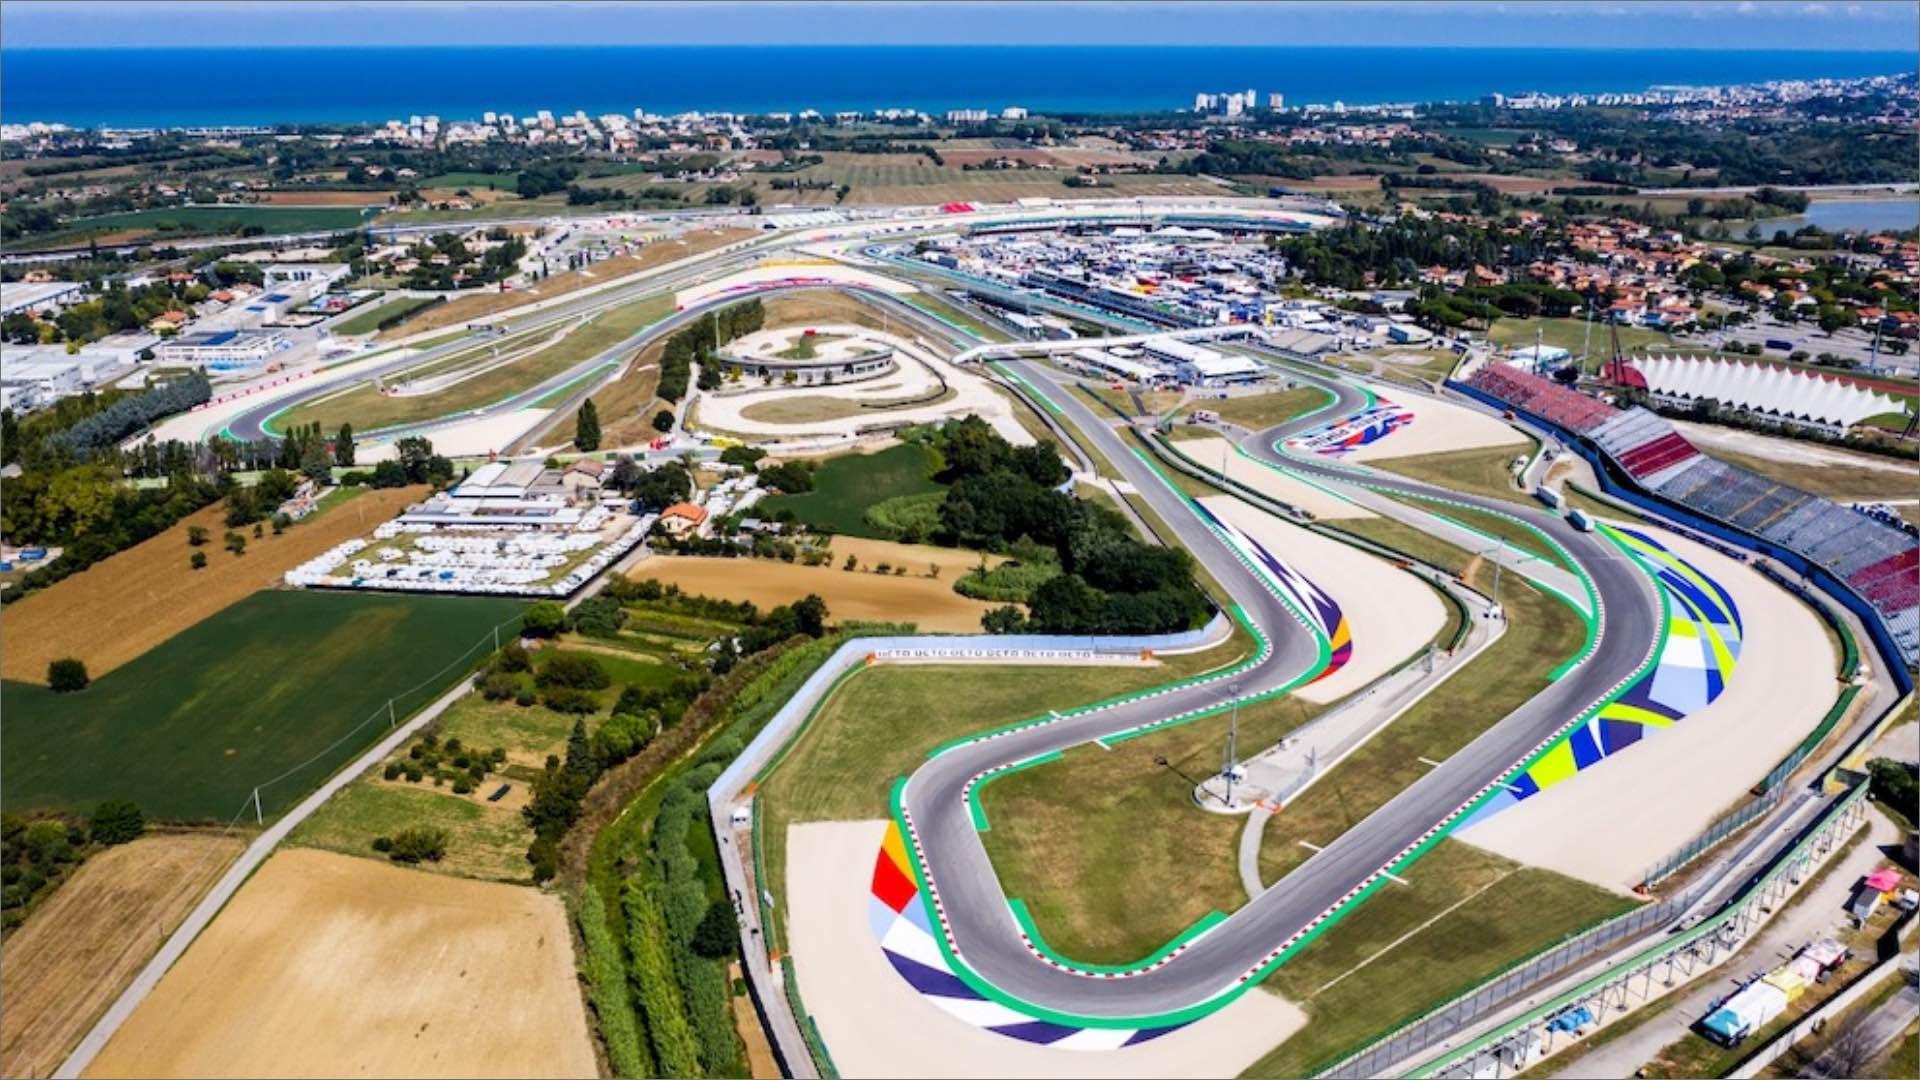 MotoGP e SBK al Misano World Circuit: luce verde per la prevendita dei biglietti.